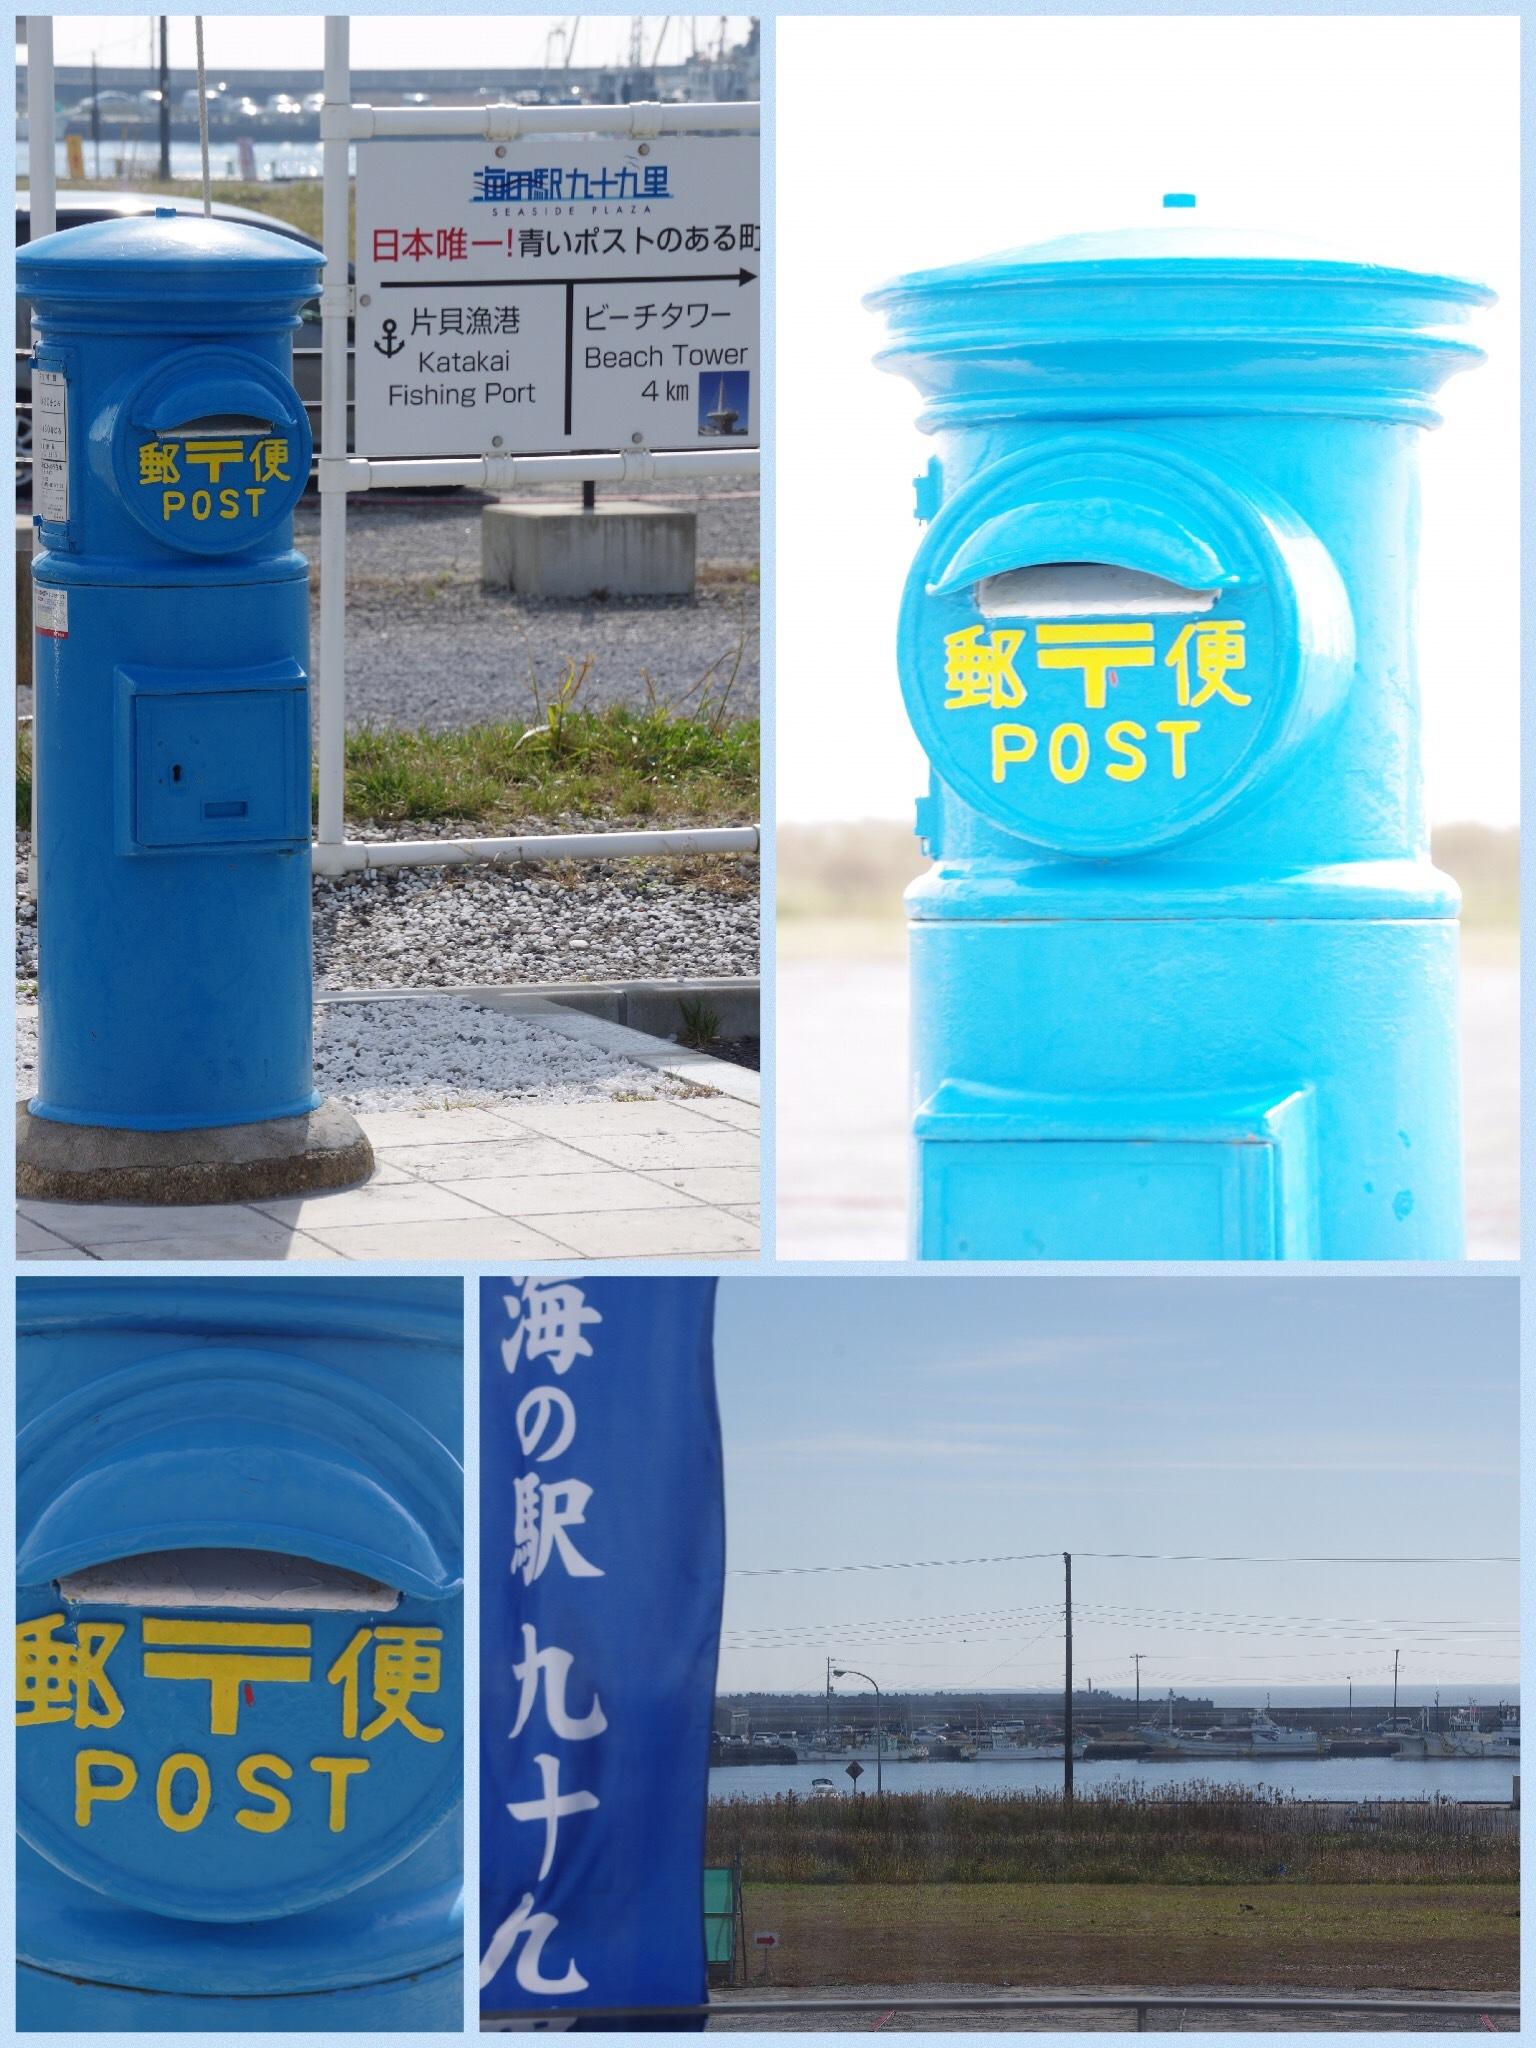 海の駅 九十九里 青いポスト